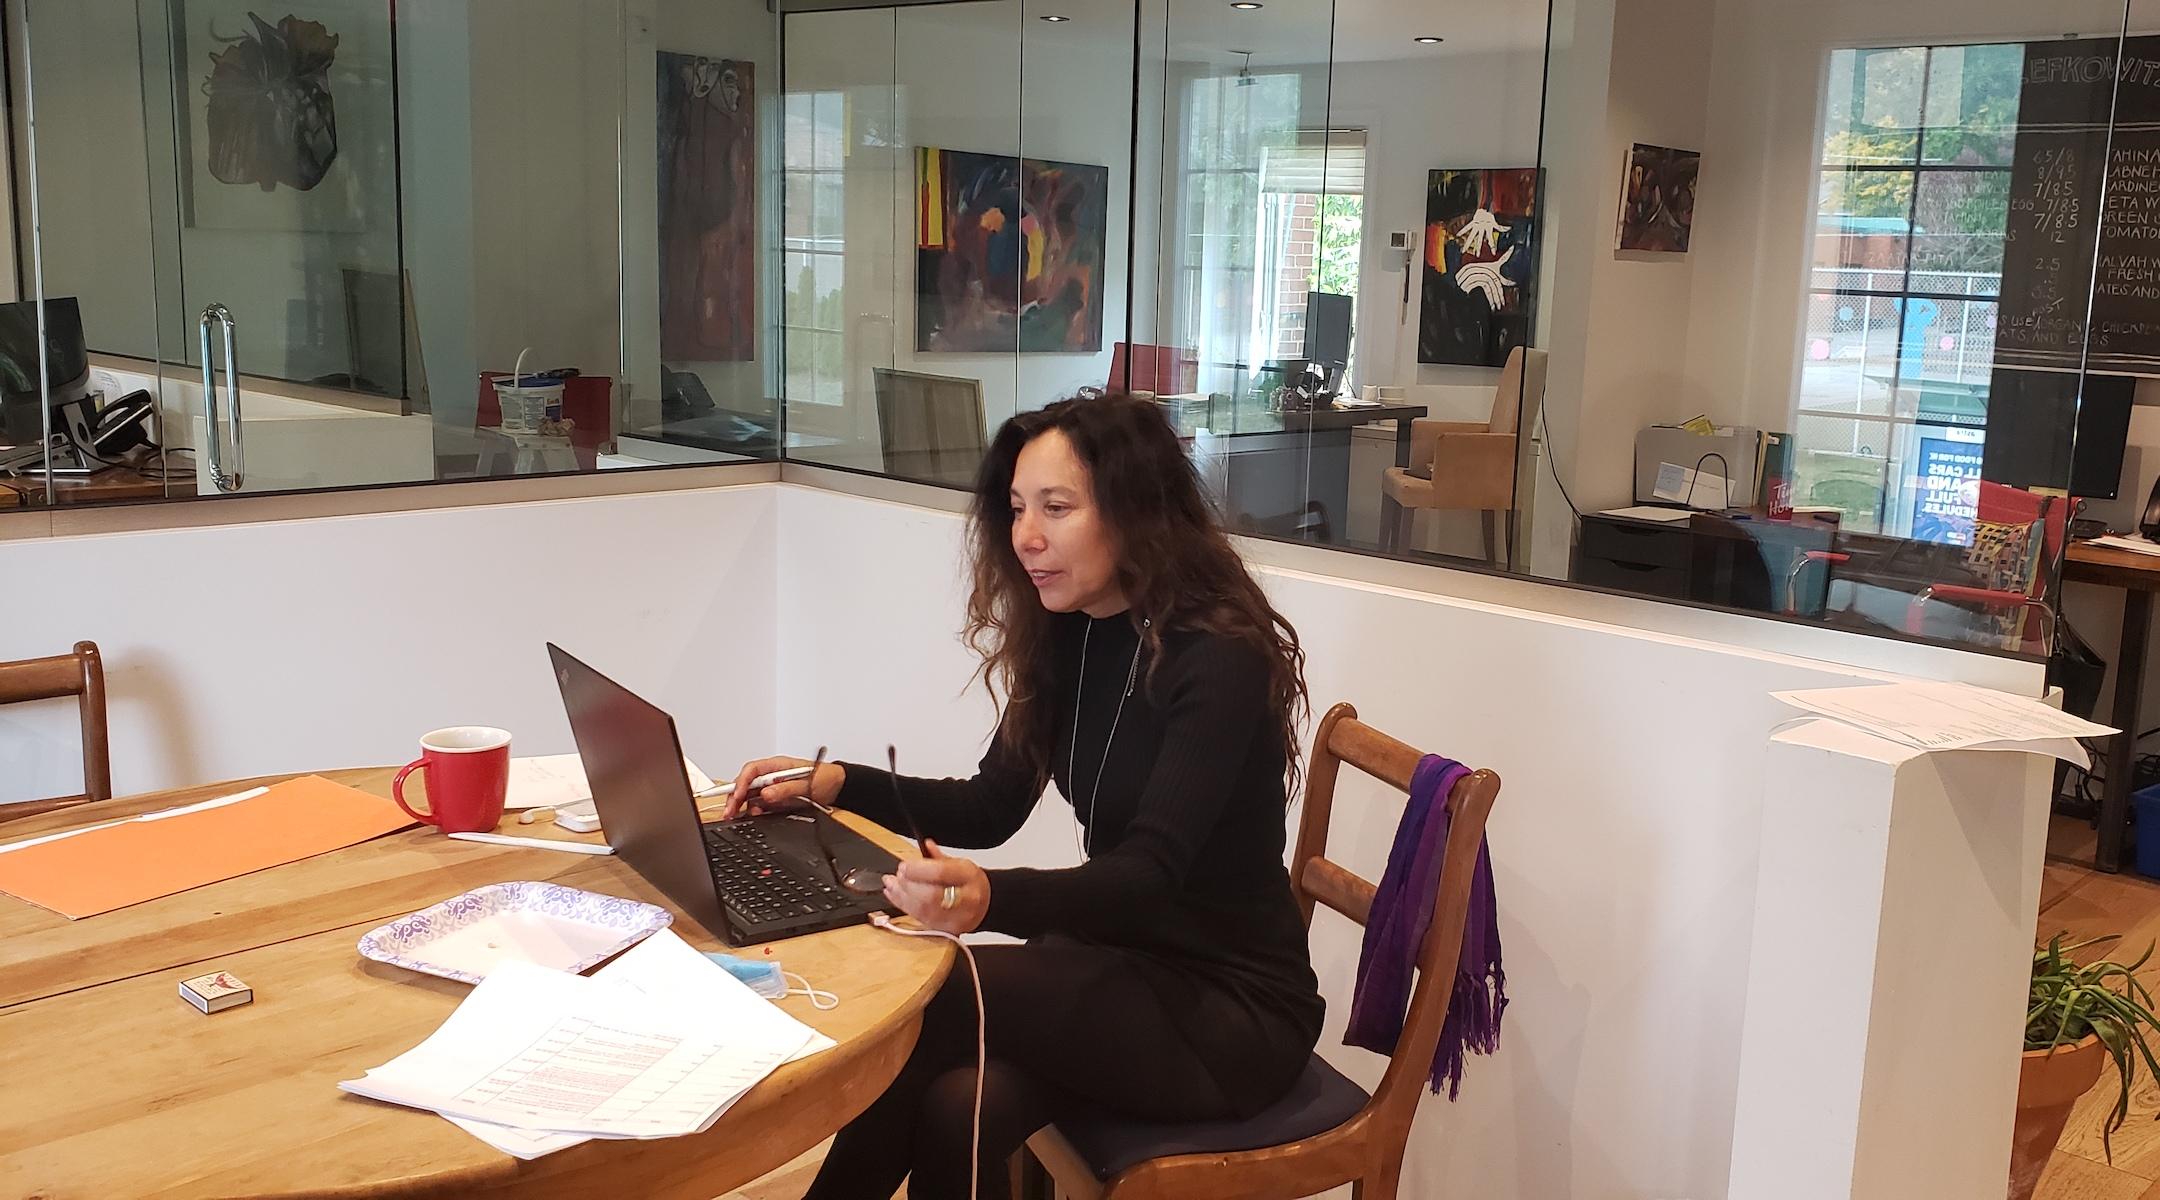 Heather Segal, avocate spécialisée en droit de l'immigration au Canada, dit qu'elle a reçu beaucoup plus de demandes de renseignements de citoyens américains cette année que jamais auparavant, et que la plupart d'entre elles proviennent de Juifs.  (Gracieuseté de Segal)